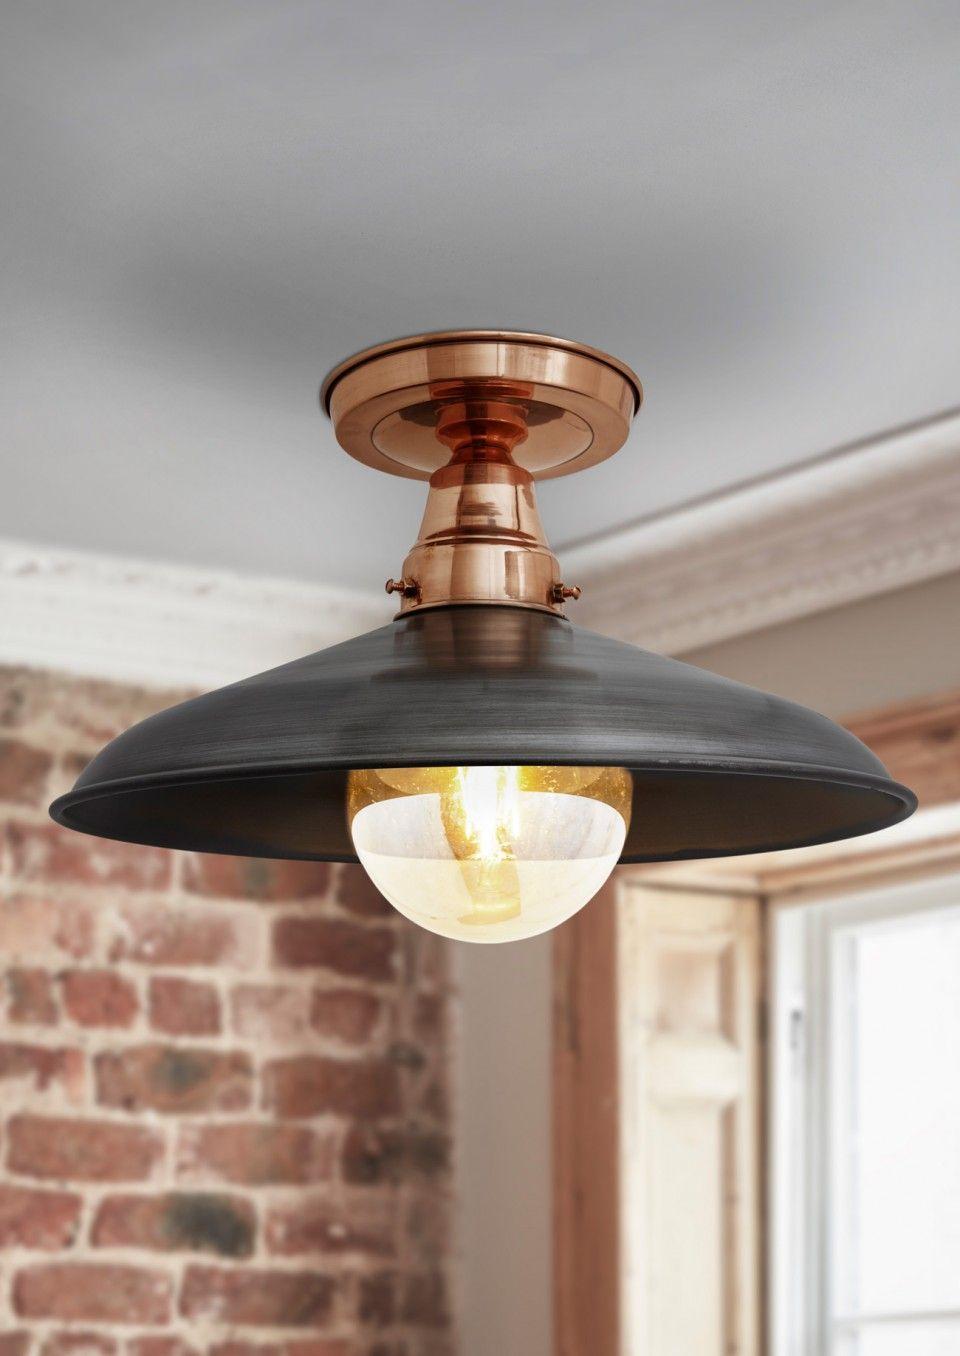 Barn Flush Mount Ceiling Light Copper Pewter Industville Low Ceiling Lighting Ceiling Lights Flush Mount Ceiling Lights